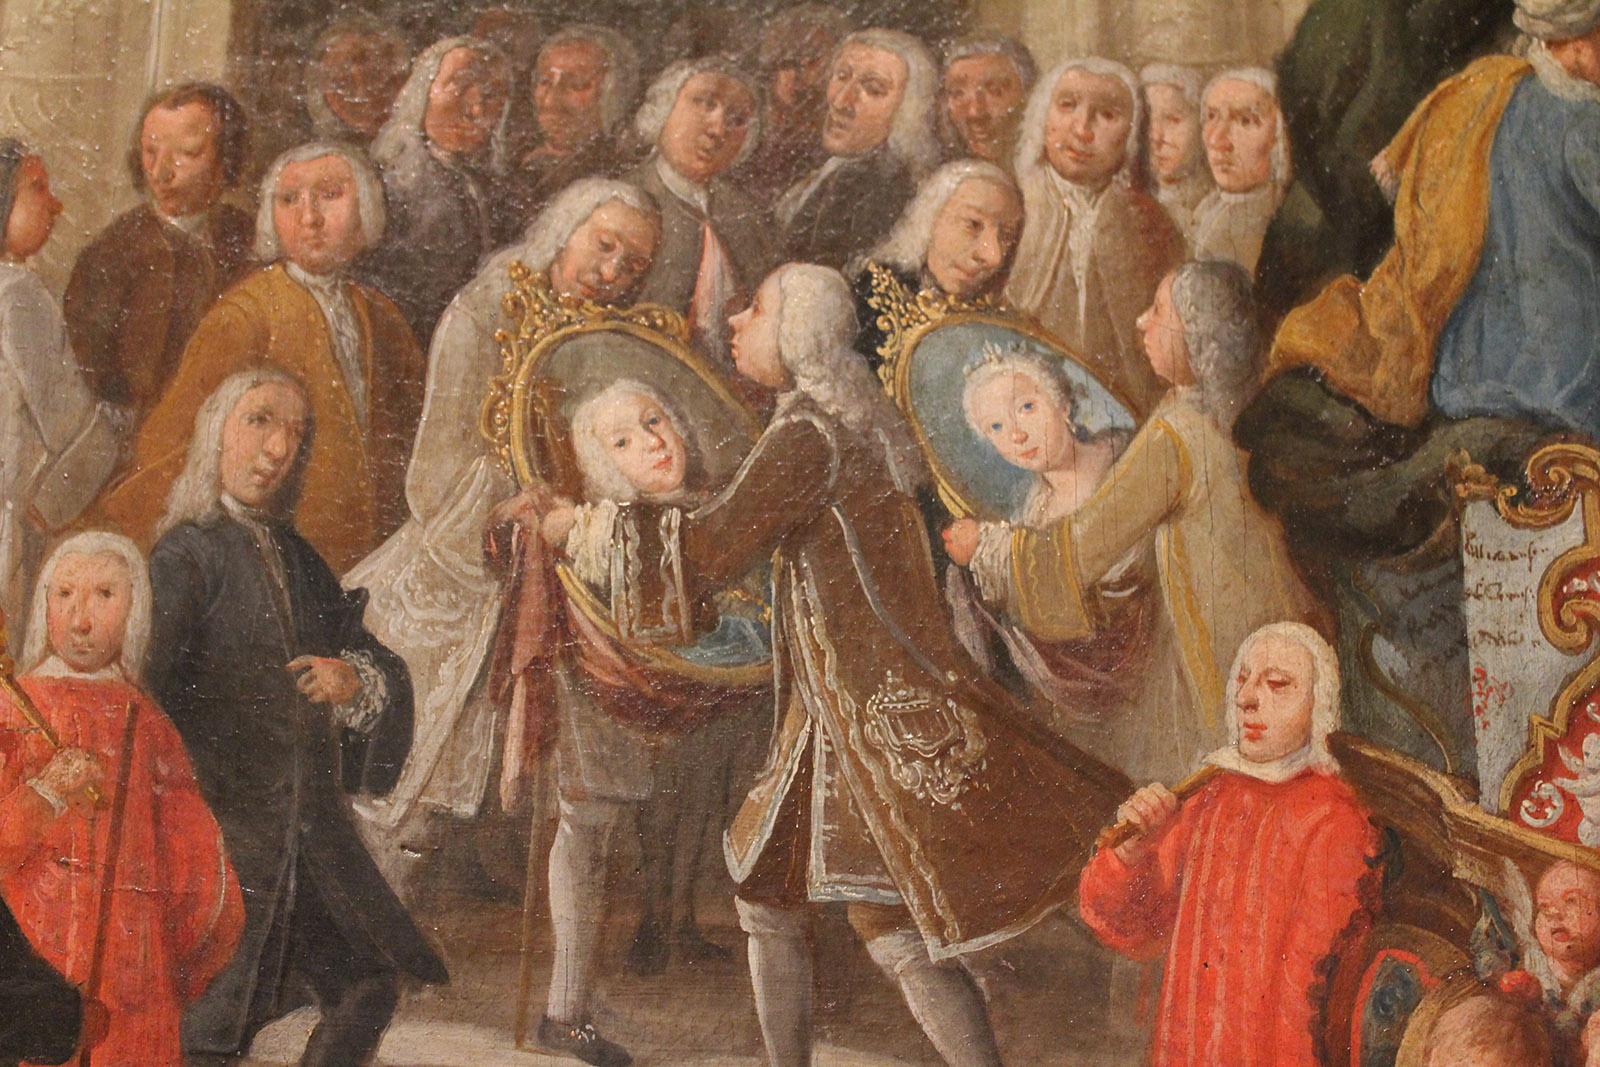 Domingo Martínez. Carro del Víctor y el Parnaso. (Detalle de la entrega de los retratos de los reyes al Ayuntamiento). Hacia 1748. Museo de Bellas Artes. Sevilla.